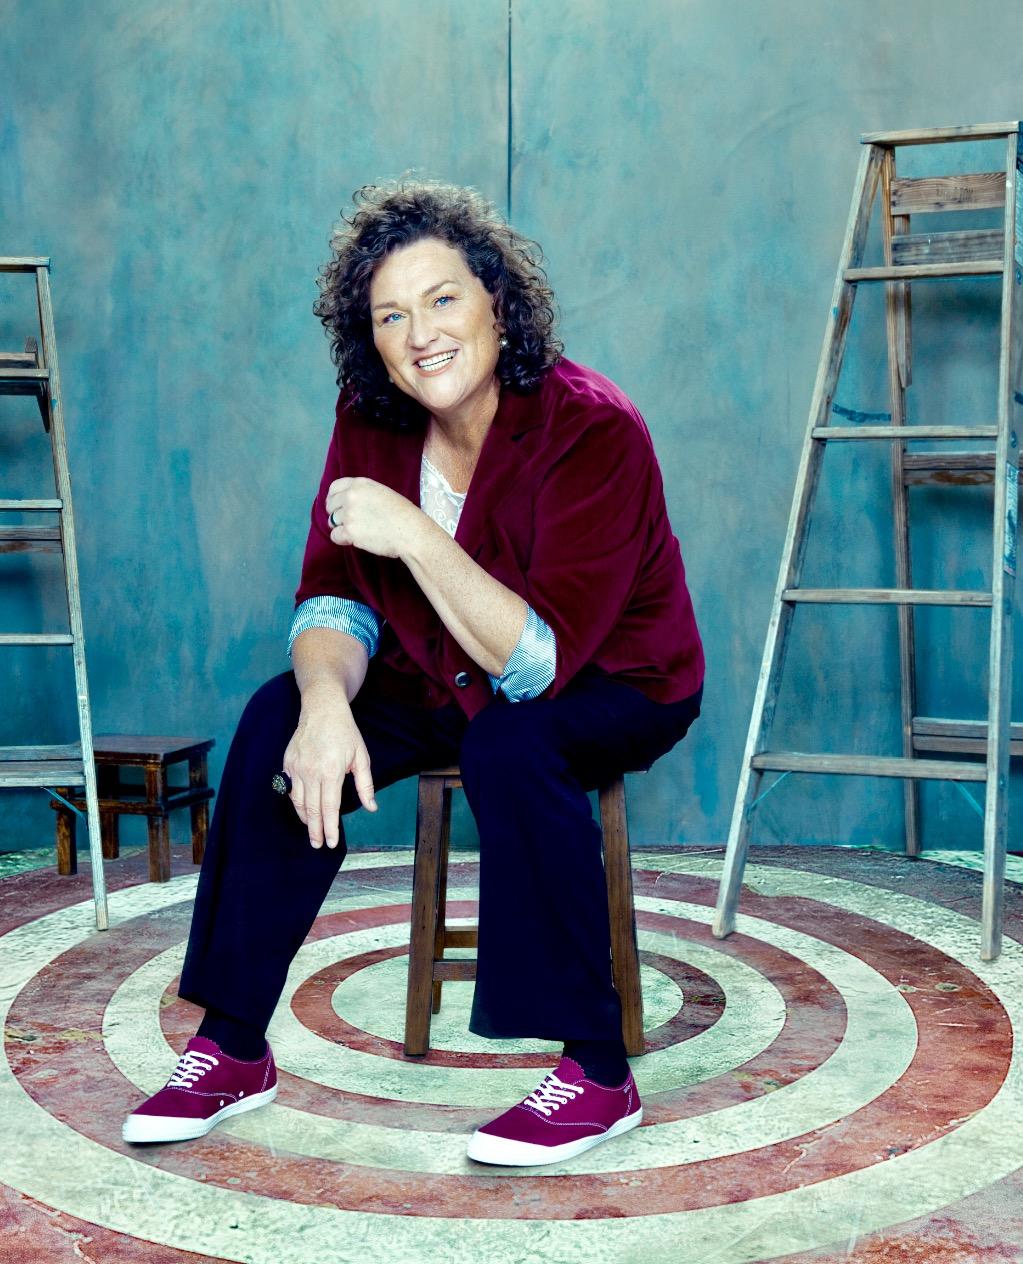 Avatar of Dot Marie Jones